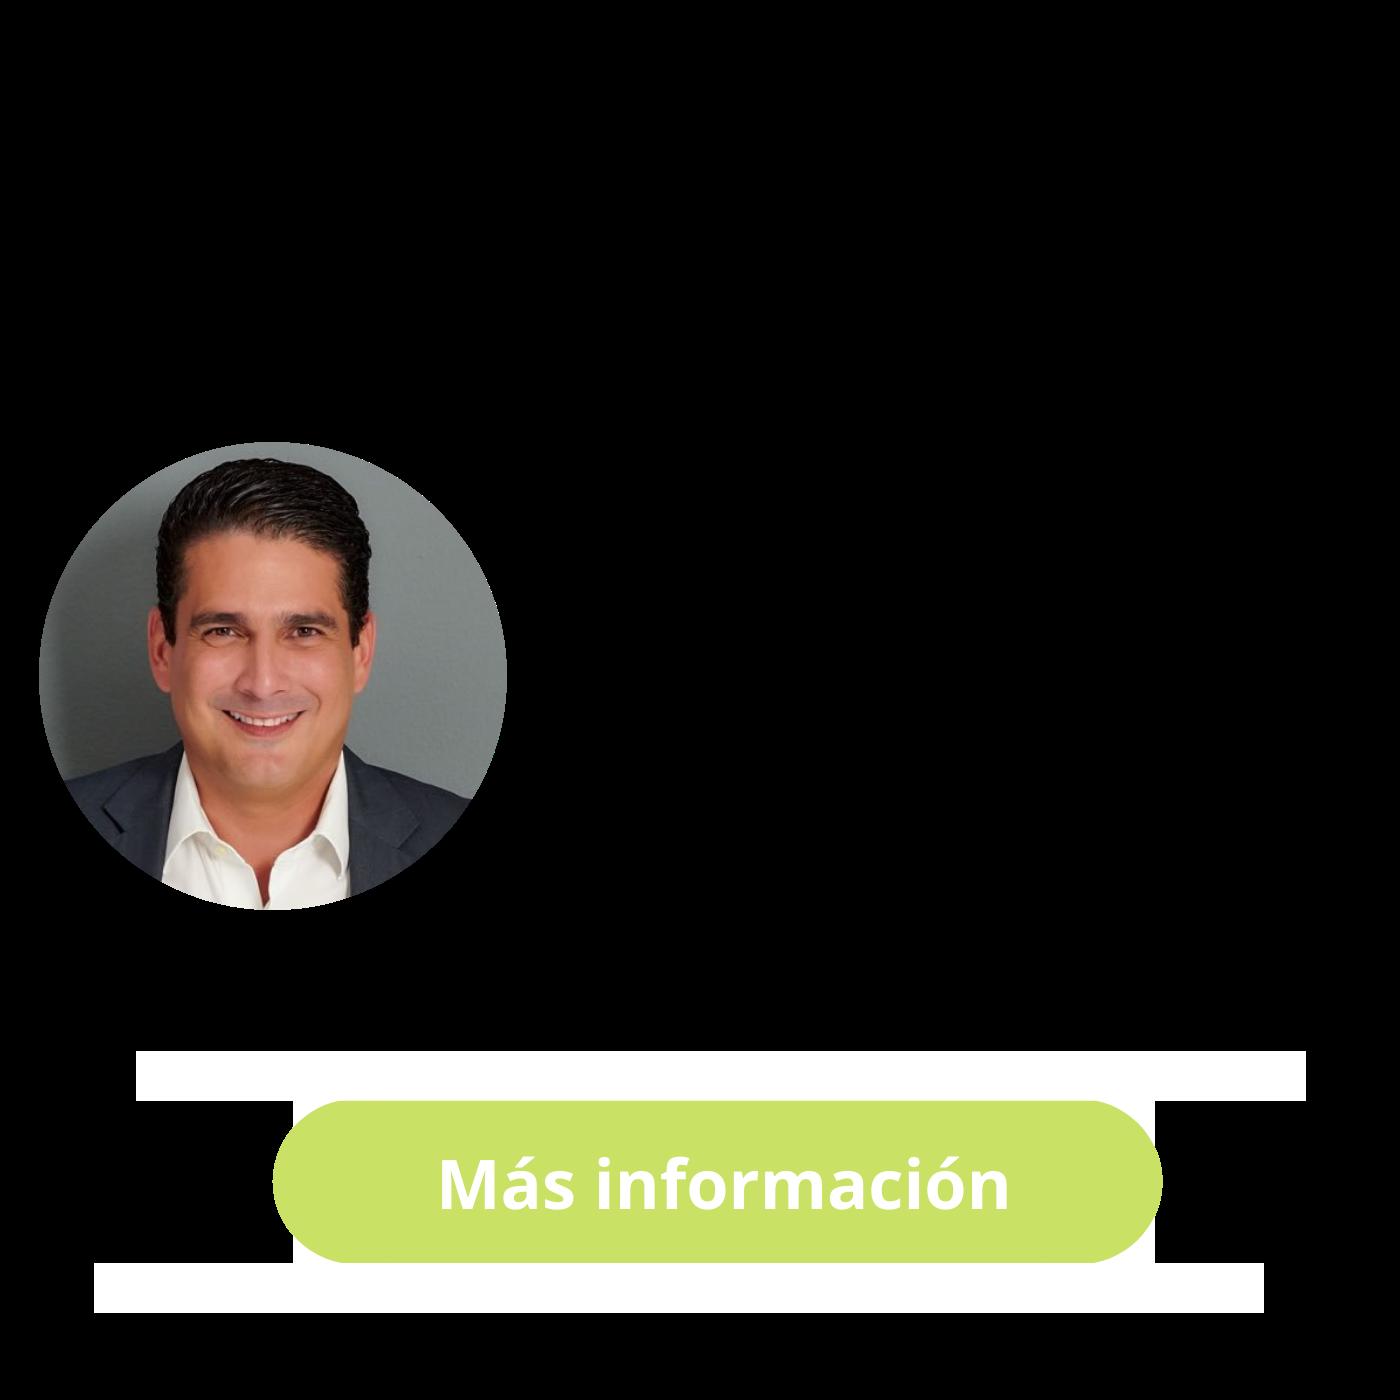 Las Acciones Para Mejorar El Tránsito En Santa Tecla. Newsletter. Infografía. Roberto d'Aubuisson. 2021